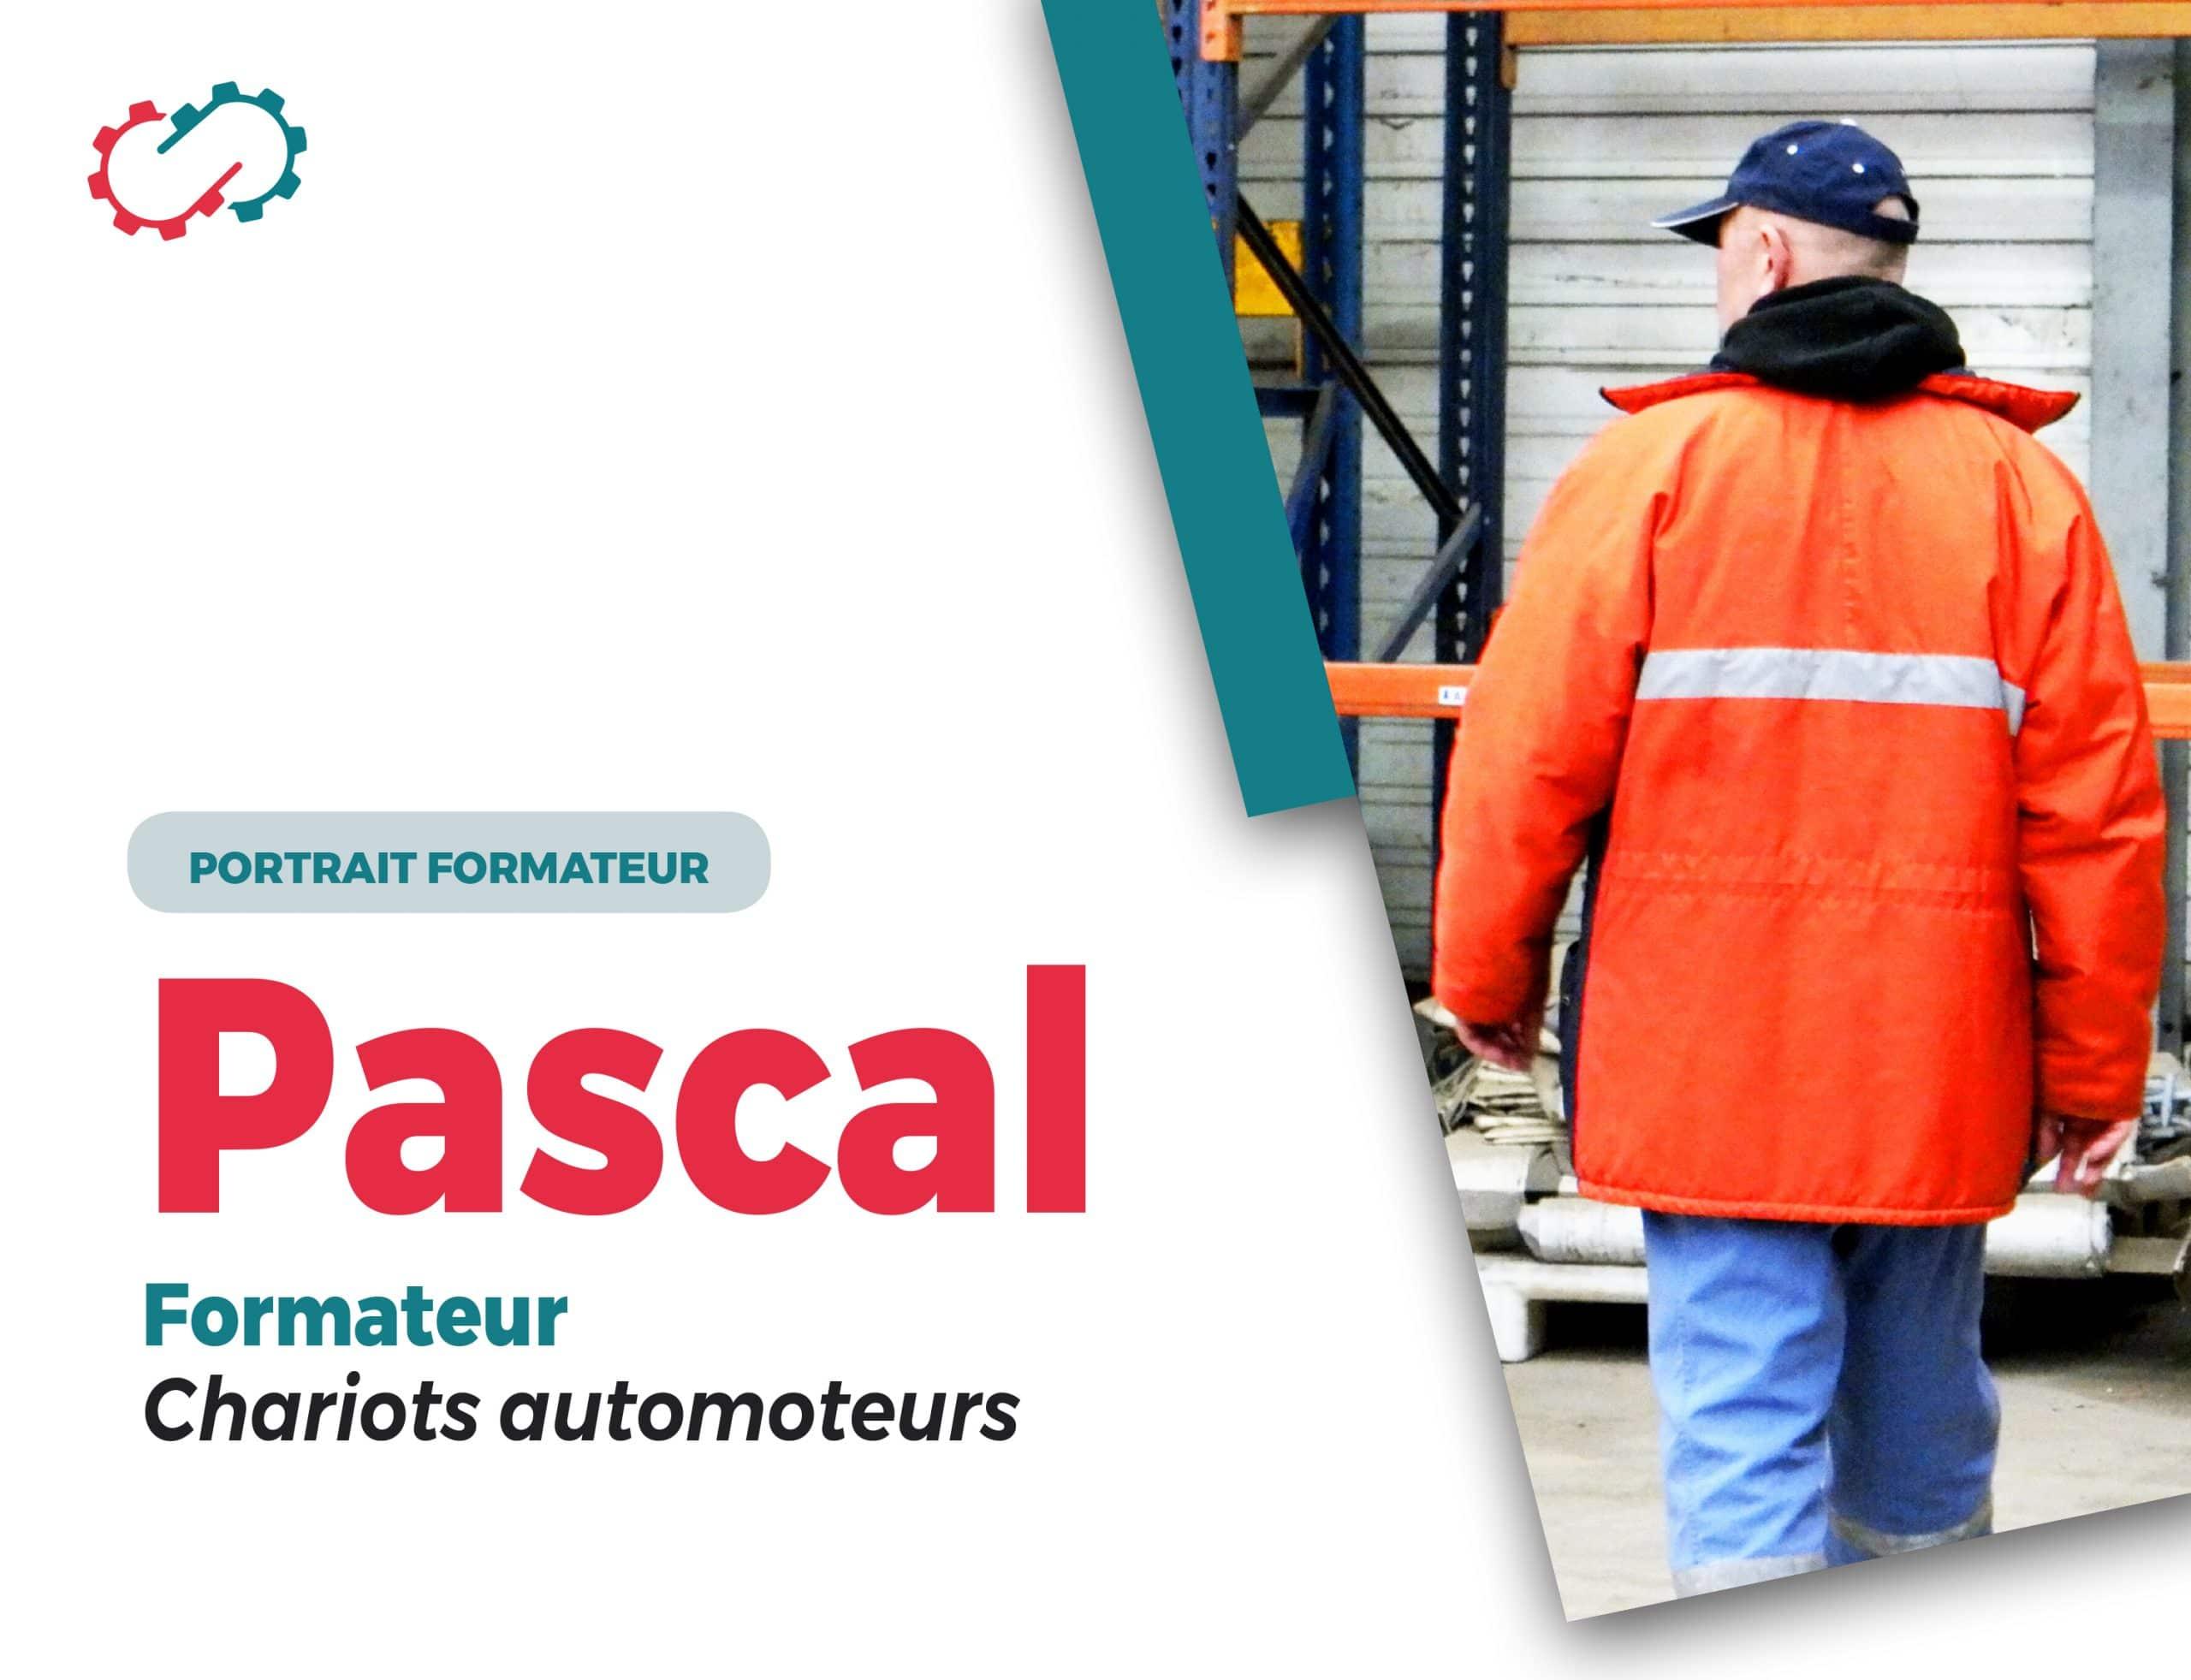 Portrait de formateur Pascal